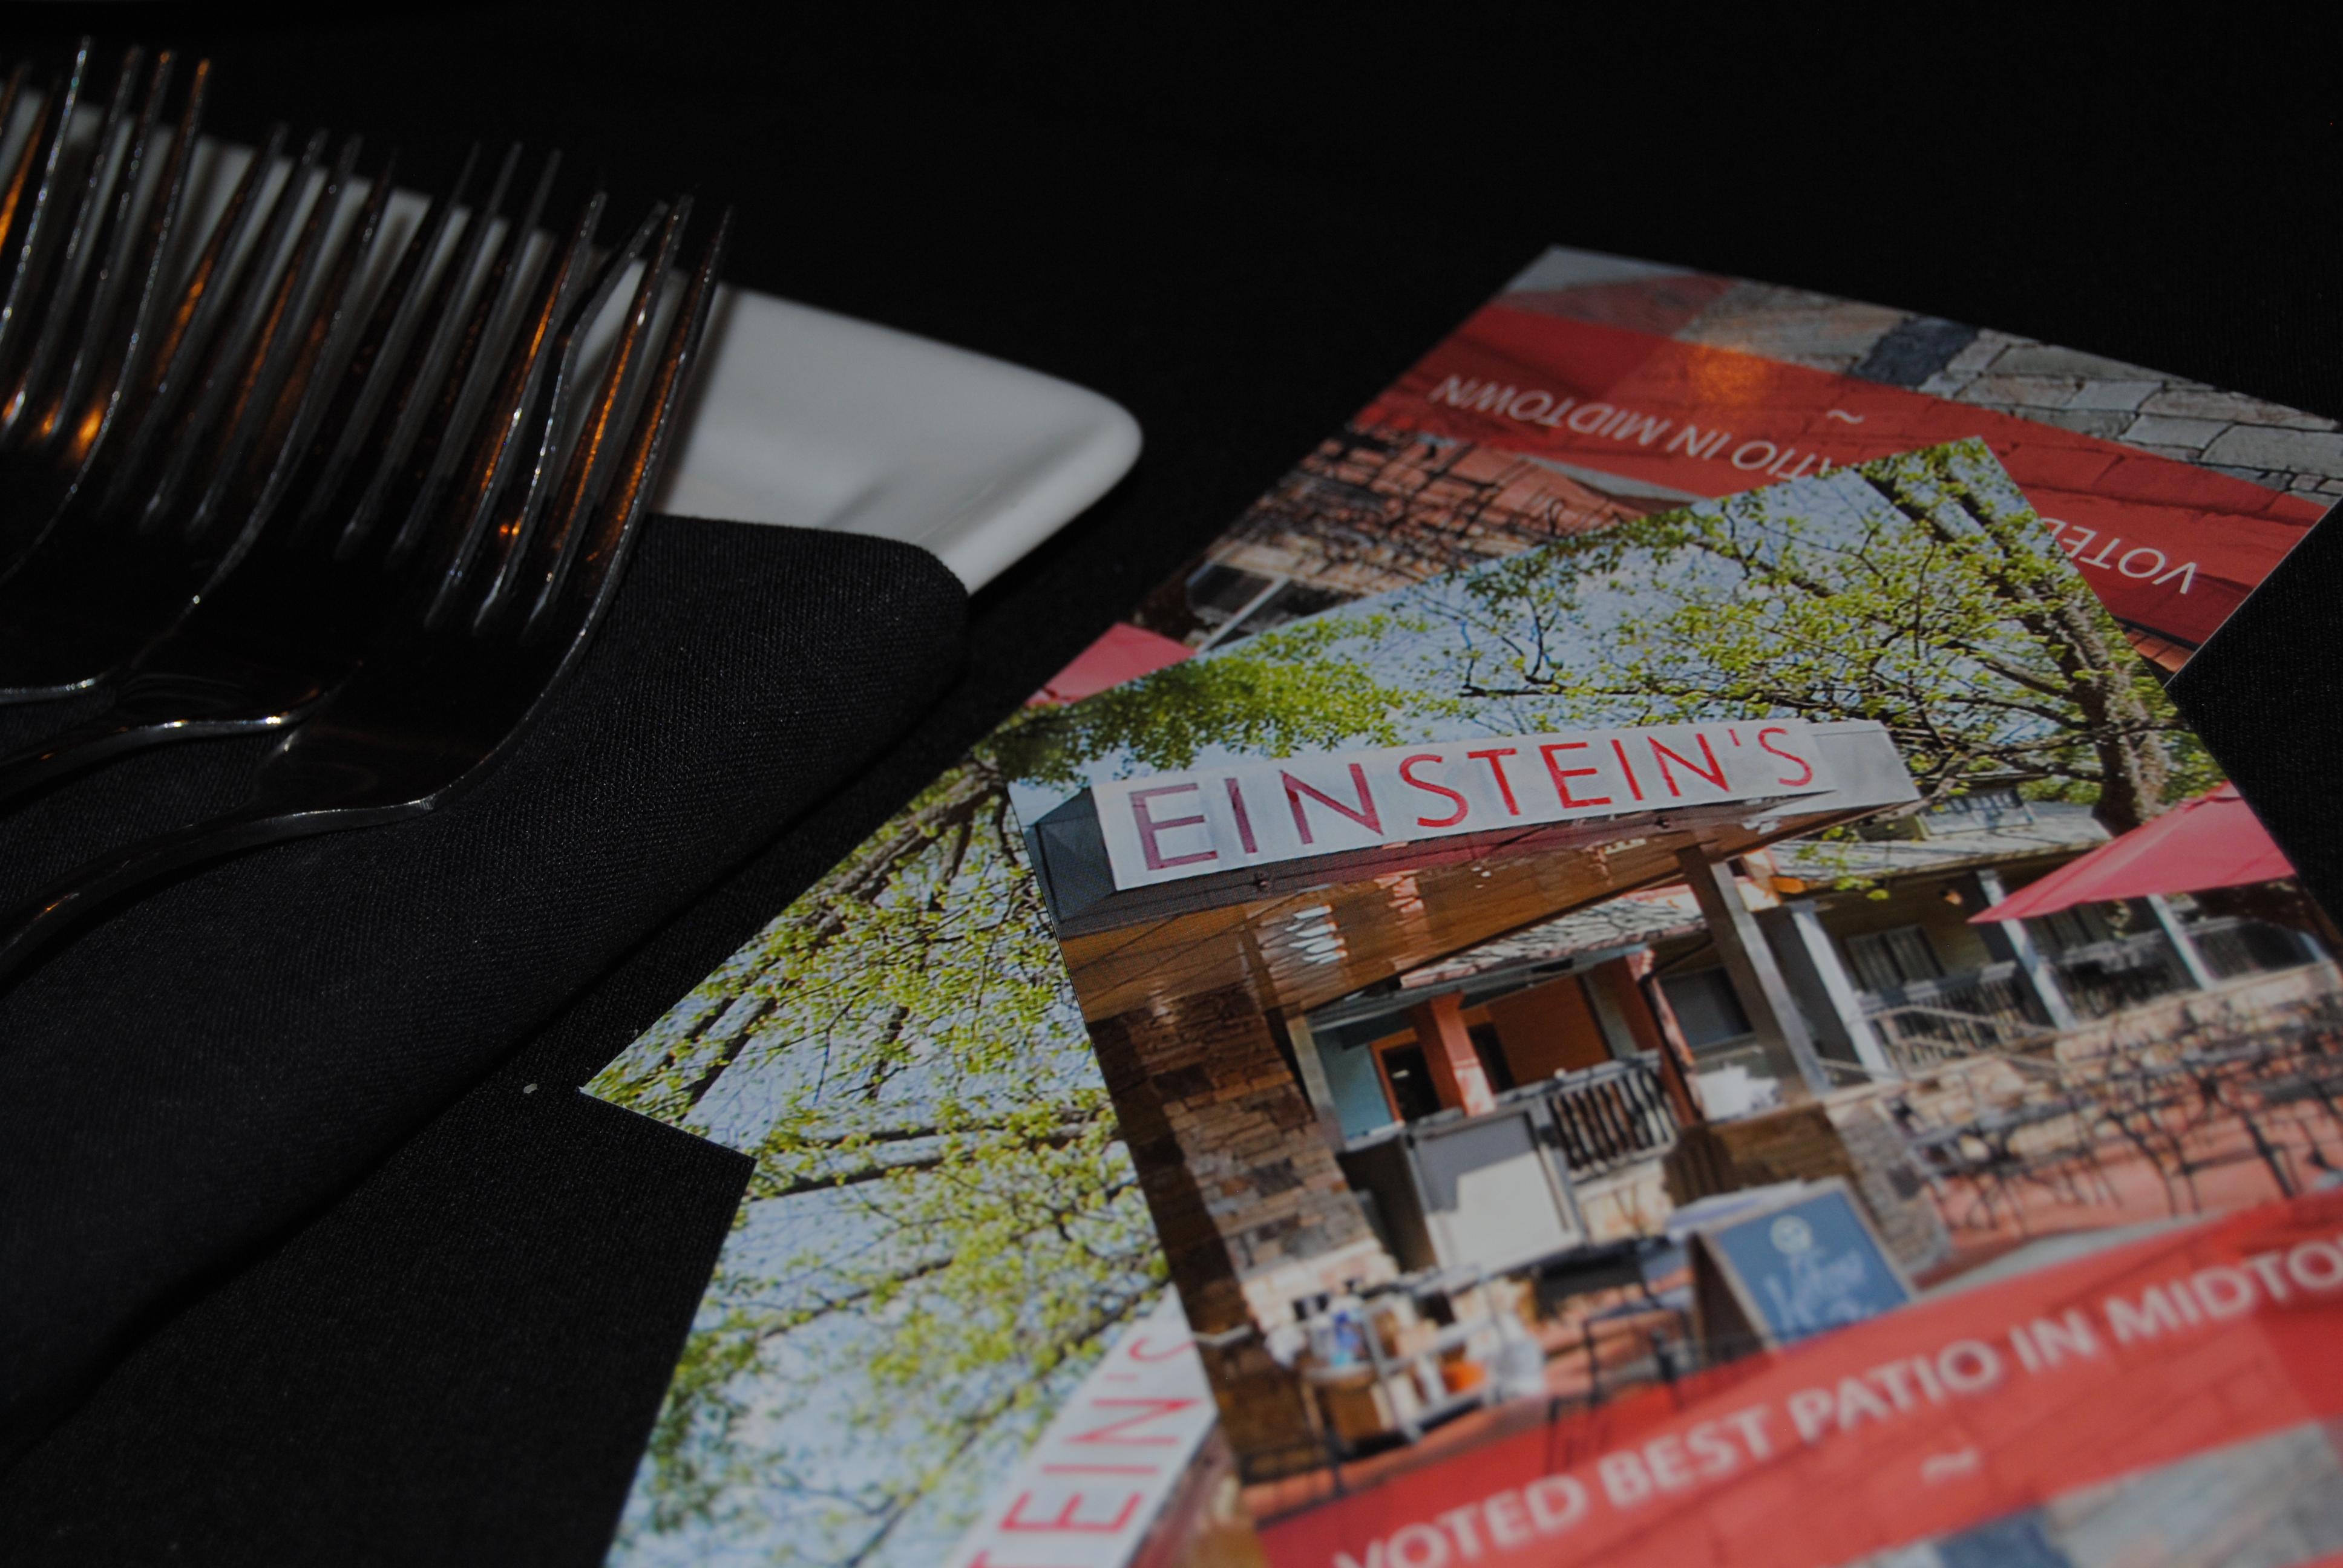 Einstein's Press Dinner Tasting With BE Magazine #BEEinsteins